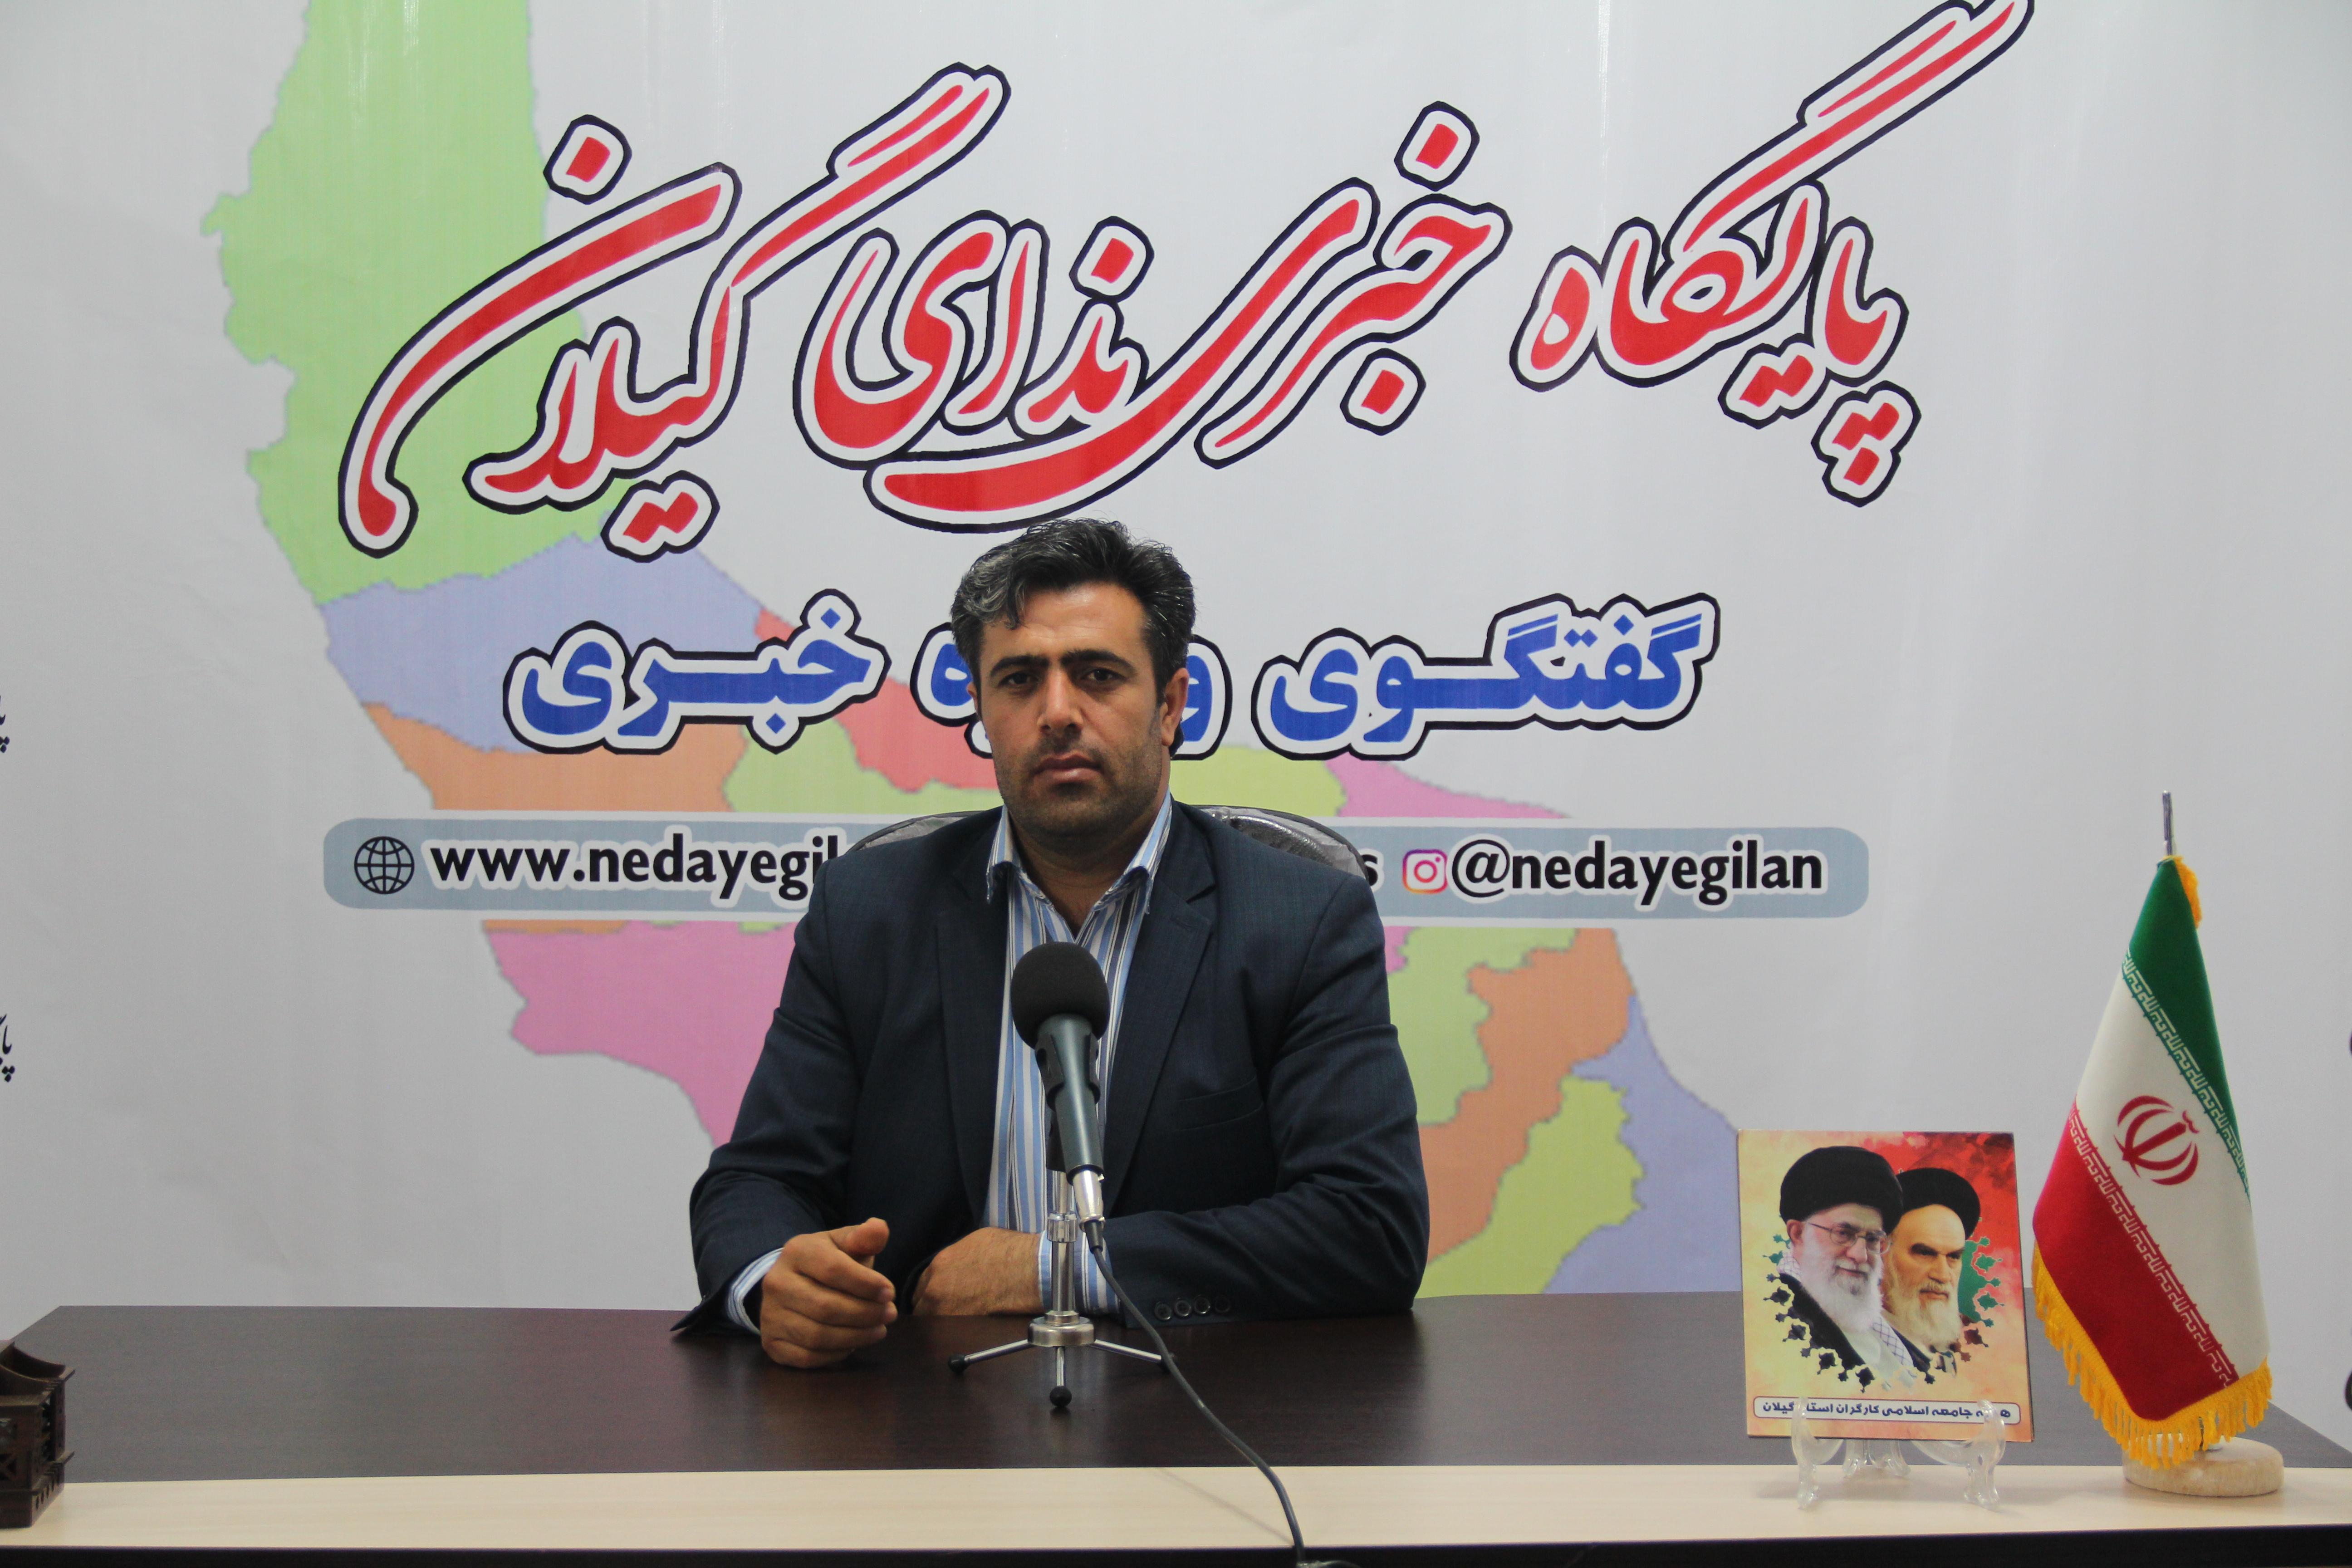 """زندگینامه و سوابق عبداله طوماری/""""دفاع از حقوق شهروندی"""" برای رسیدن به عدالت اجتماعی"""